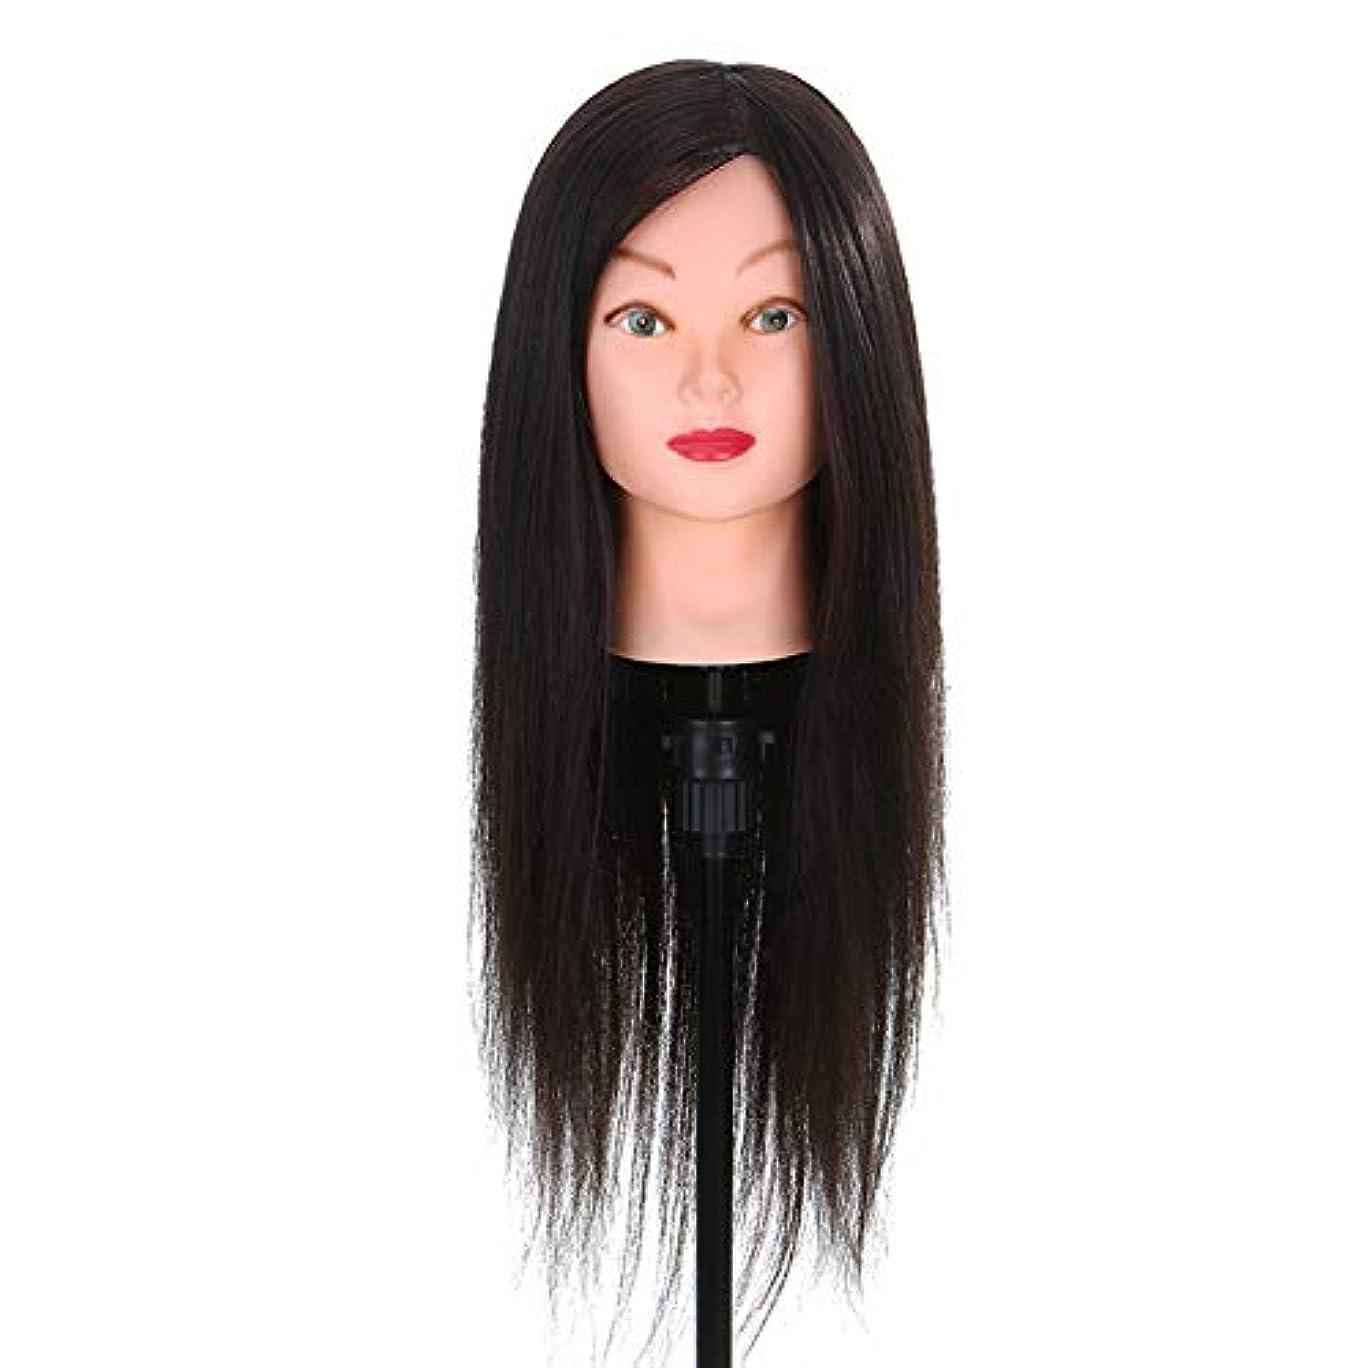 不十分な物語知性練習ディスク髪編組ヘアモデル理髪店スクールティーチングヘッドロングかつら美容マネキンヘッドブラケット